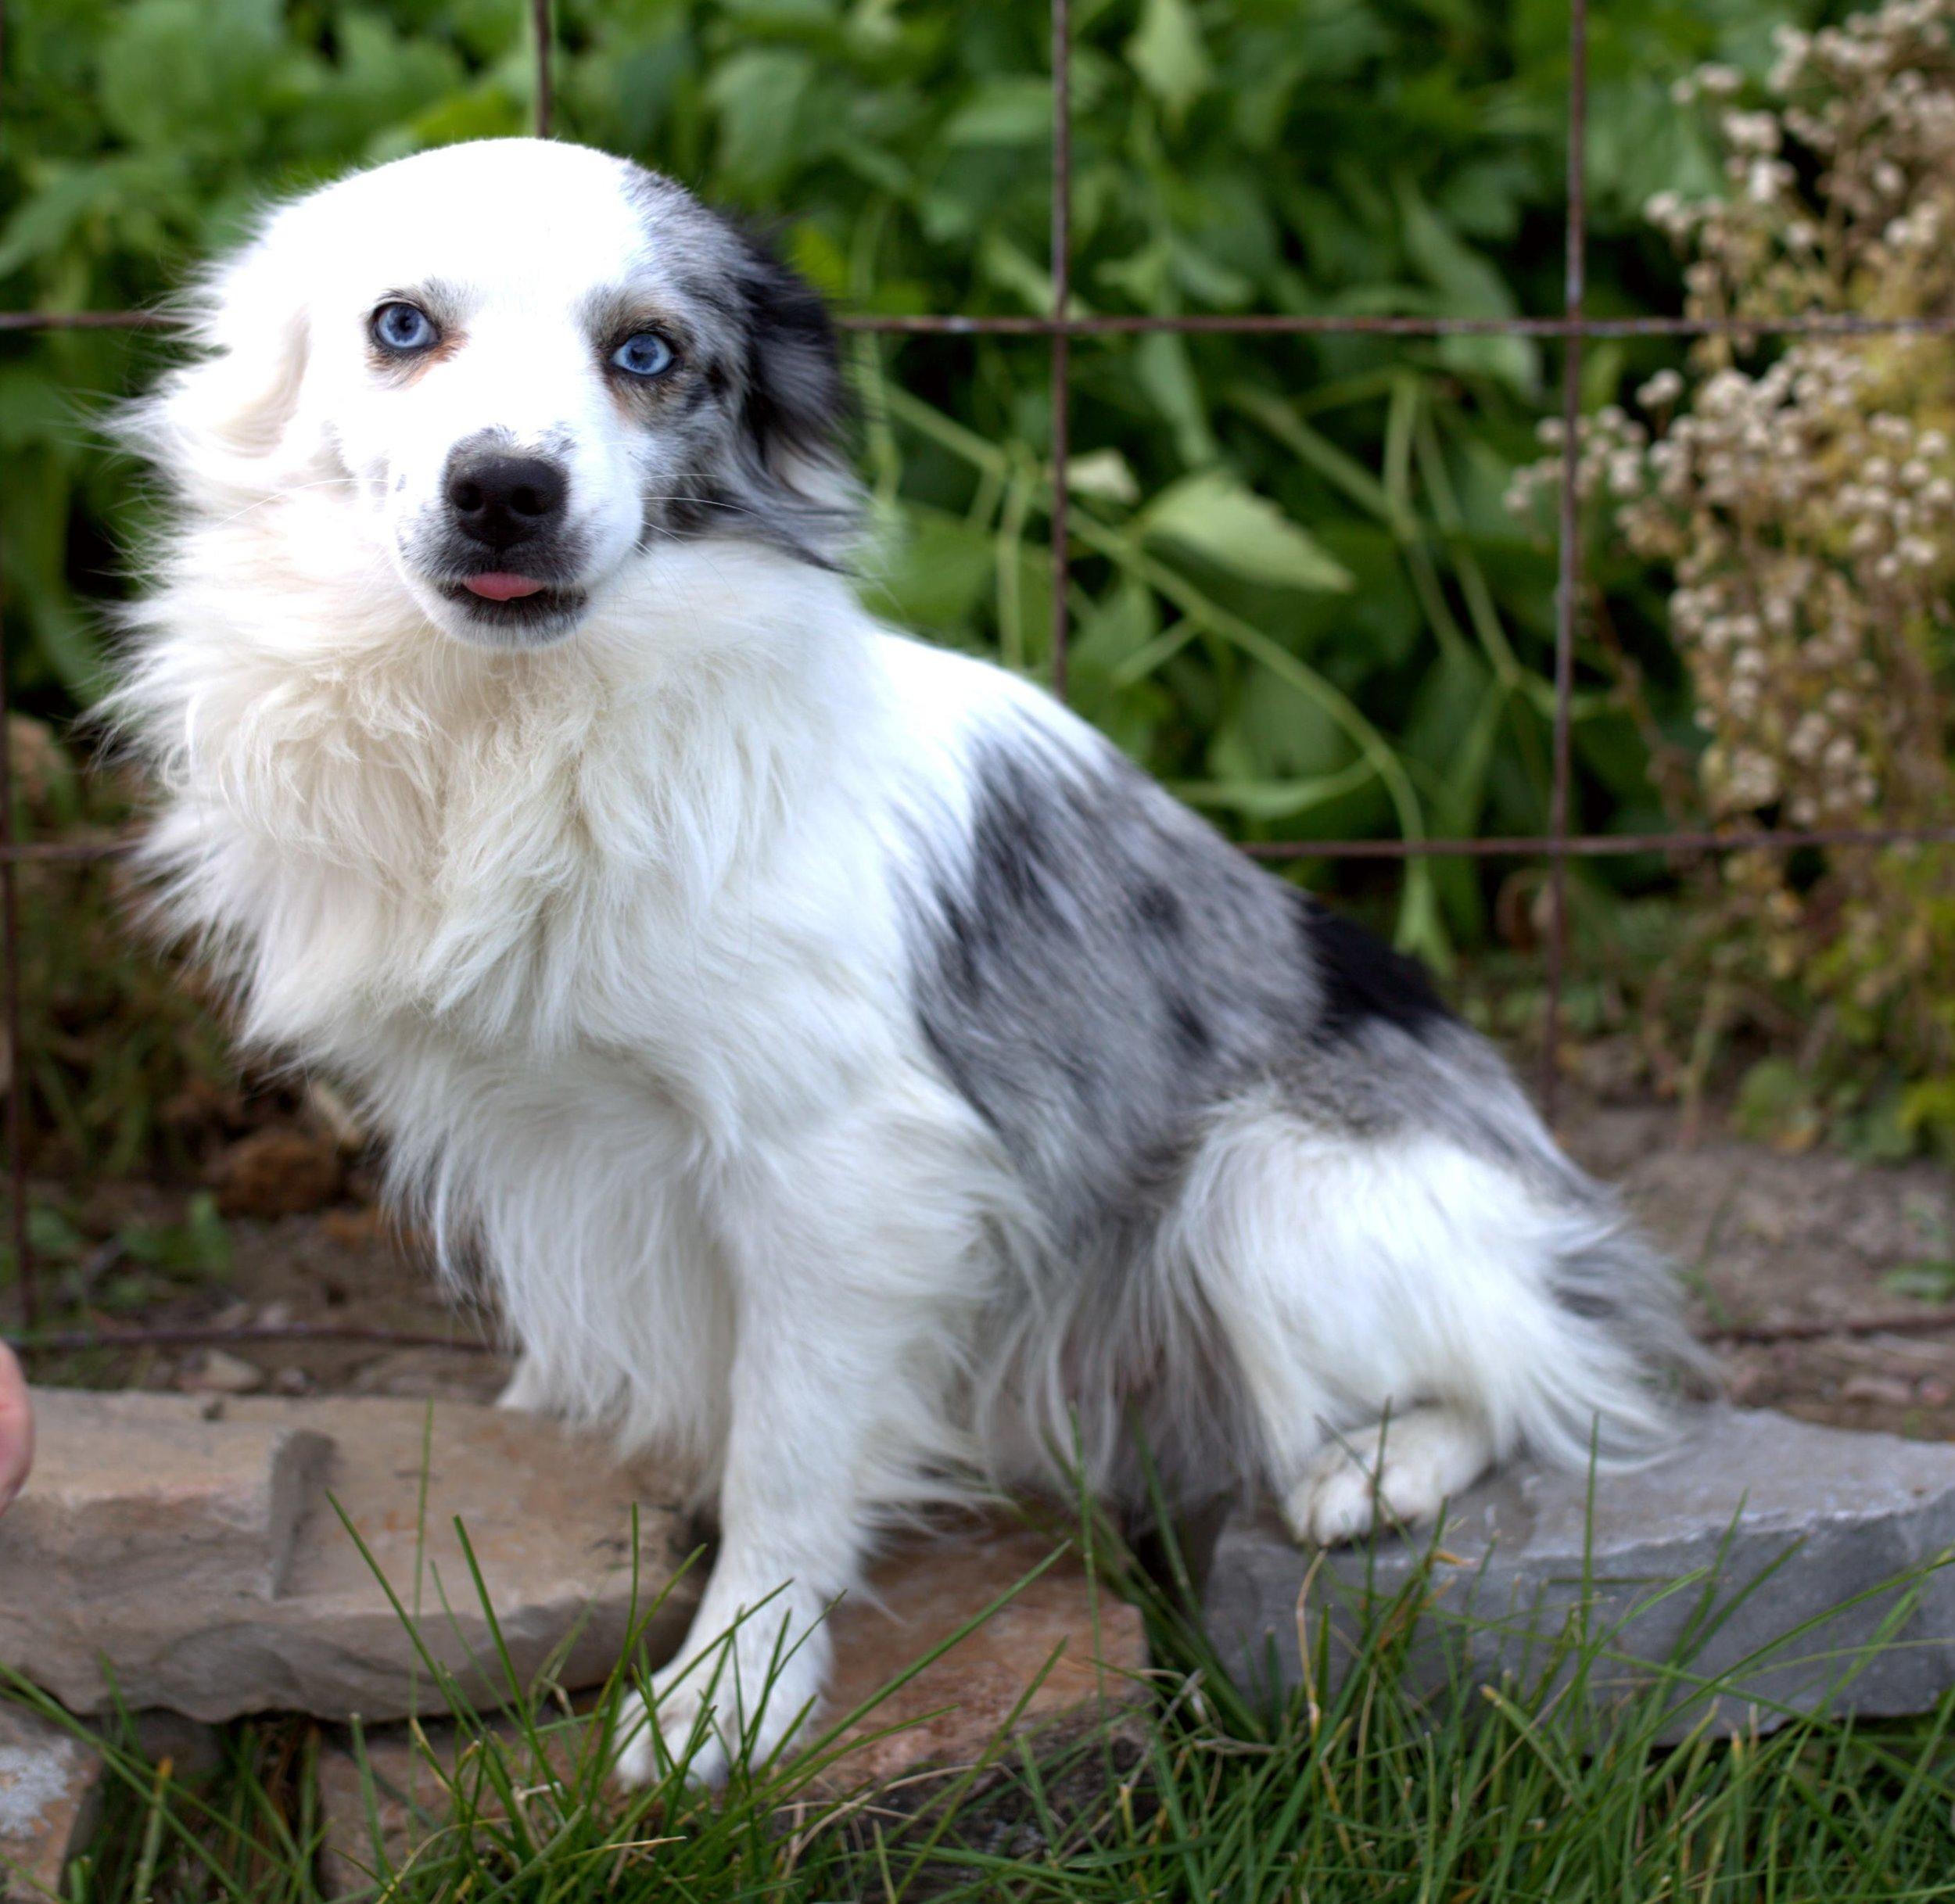 RG Cash   CKC Register Toy Aussie  International Stock Dog Registered Toy Aussie  Dam:  Sire: GOT Rusty  Date of Birth: